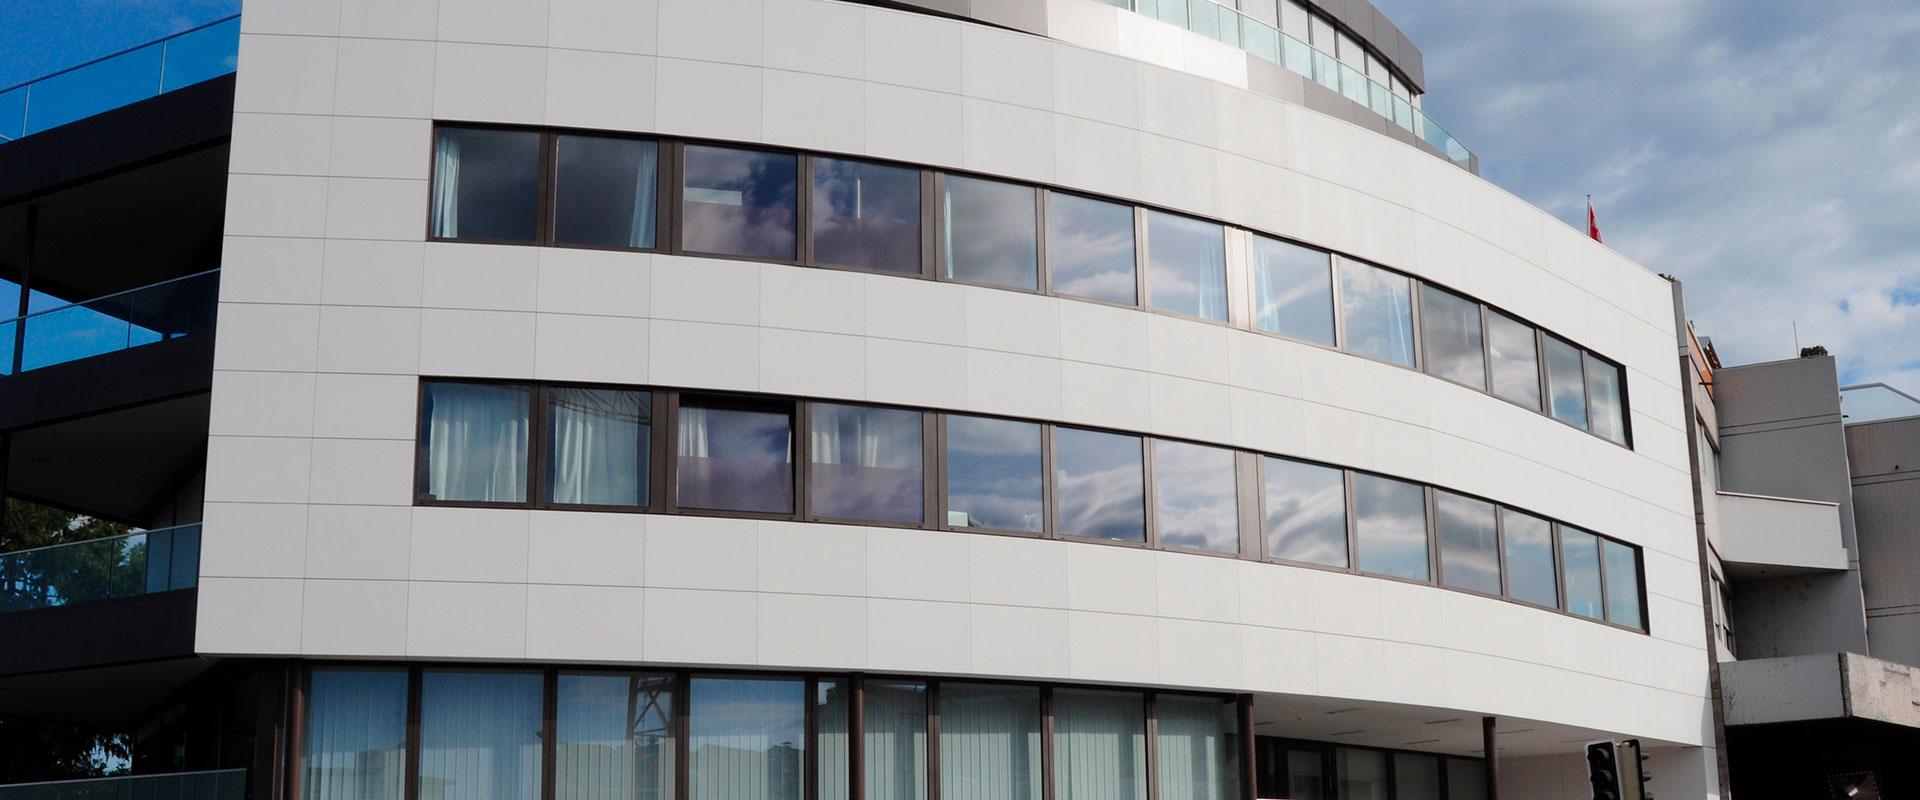 AGGLOTECH-progetto-centro-direzionale-svizzera-slider-1